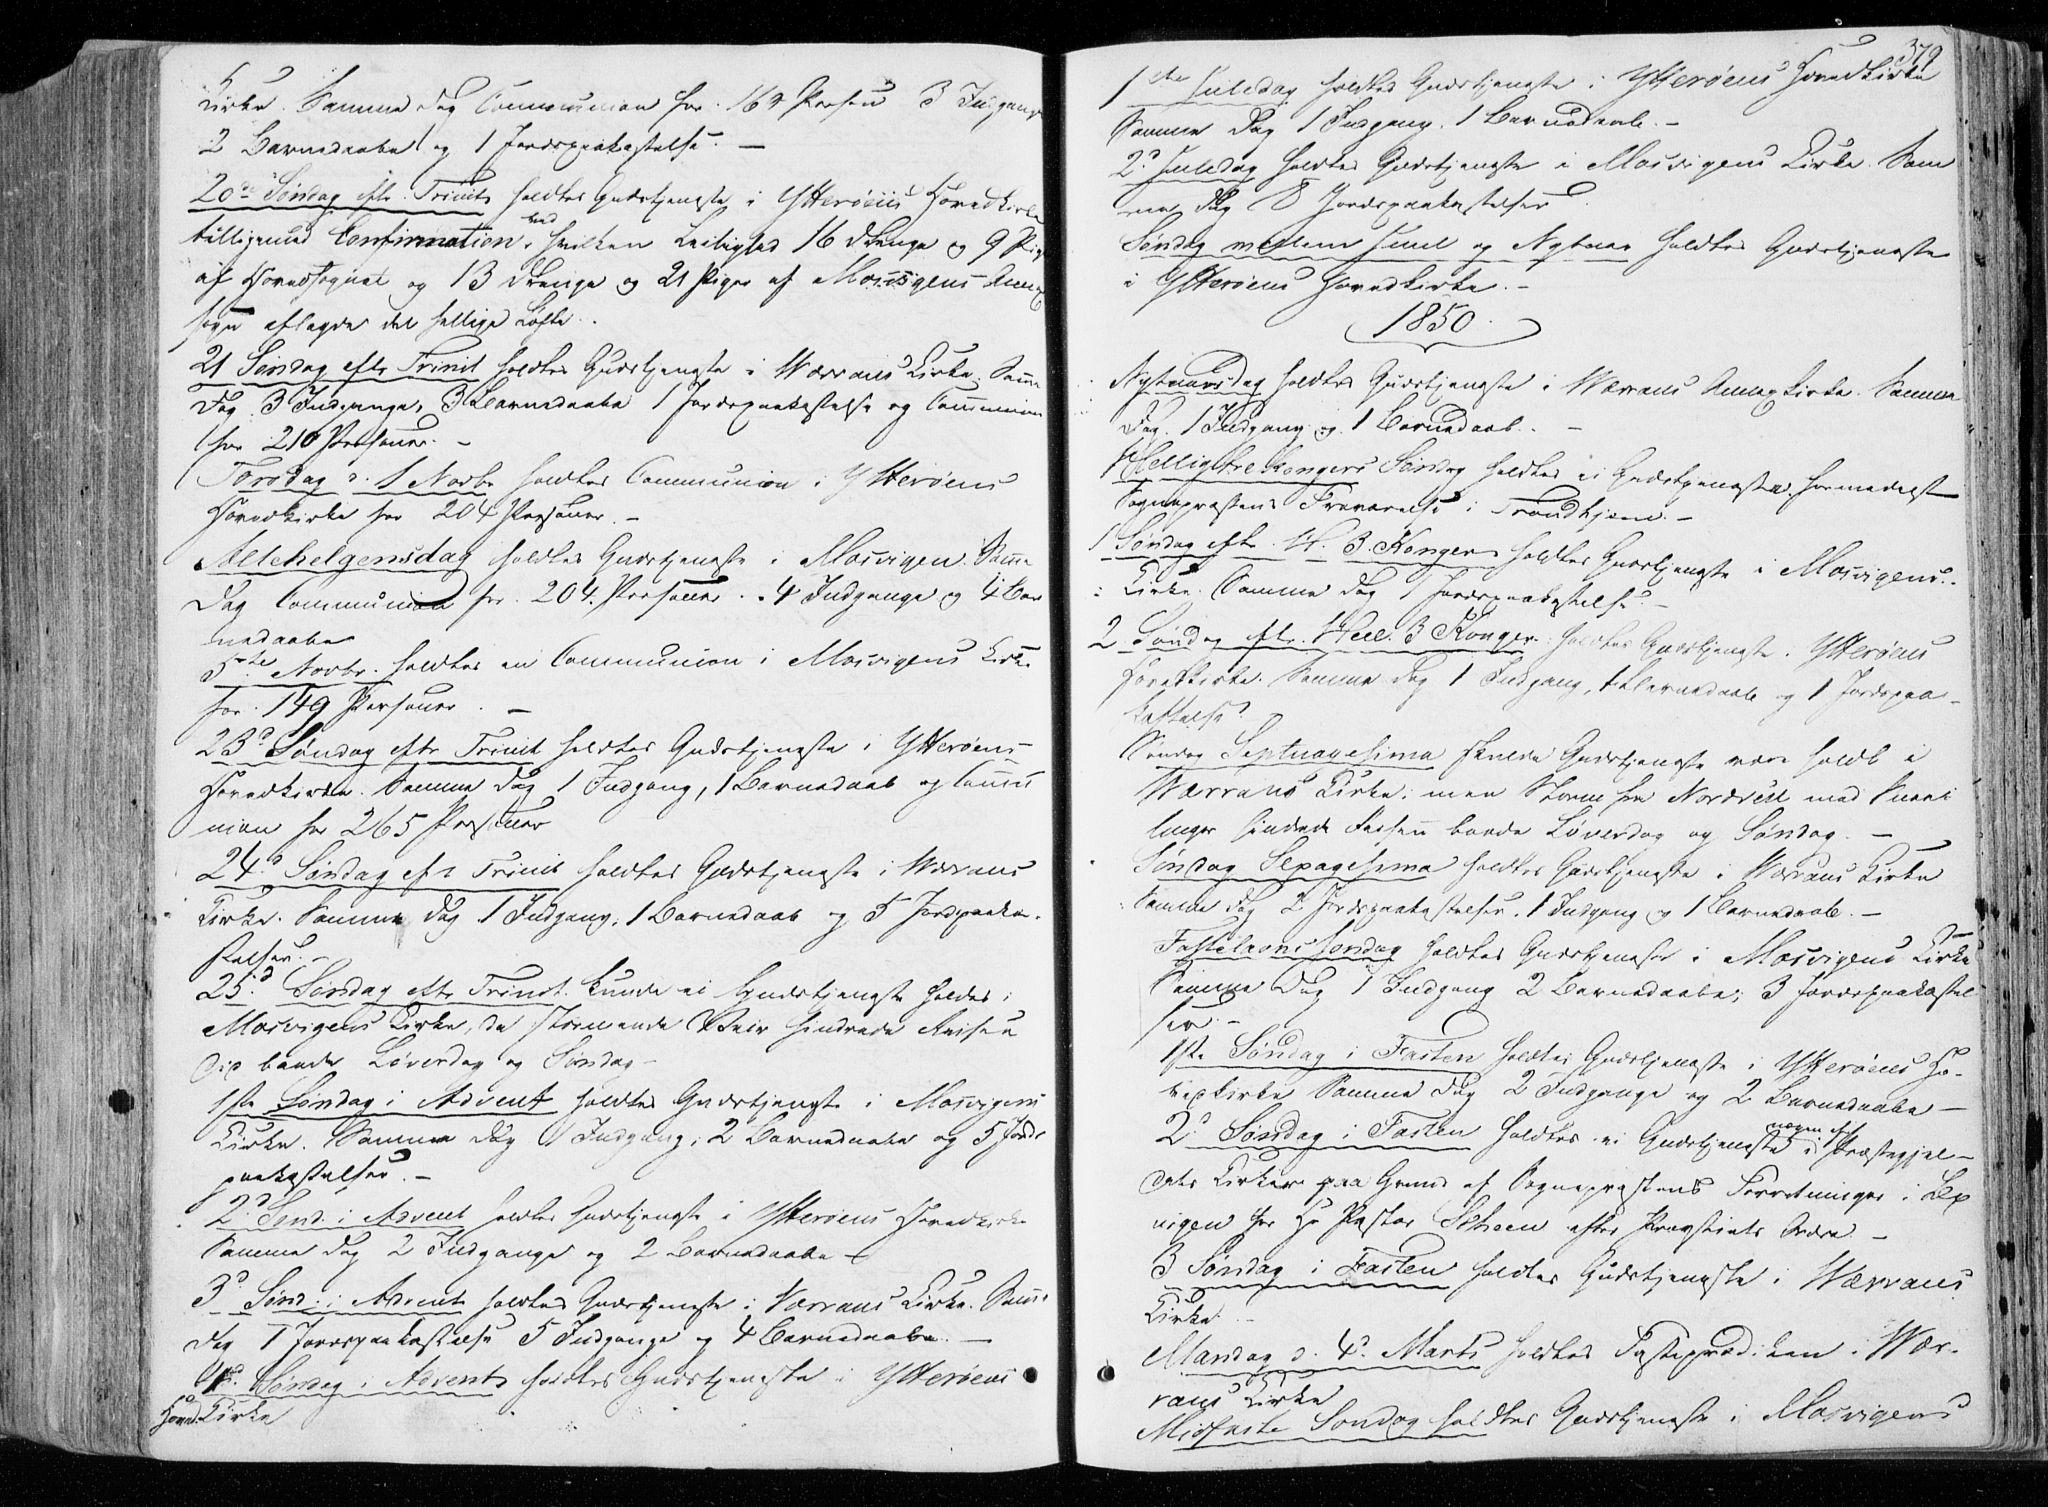 SAT, Ministerialprotokoller, klokkerbøker og fødselsregistre - Nord-Trøndelag, 722/L0218: Ministerialbok nr. 722A05, 1843-1868, s. 379